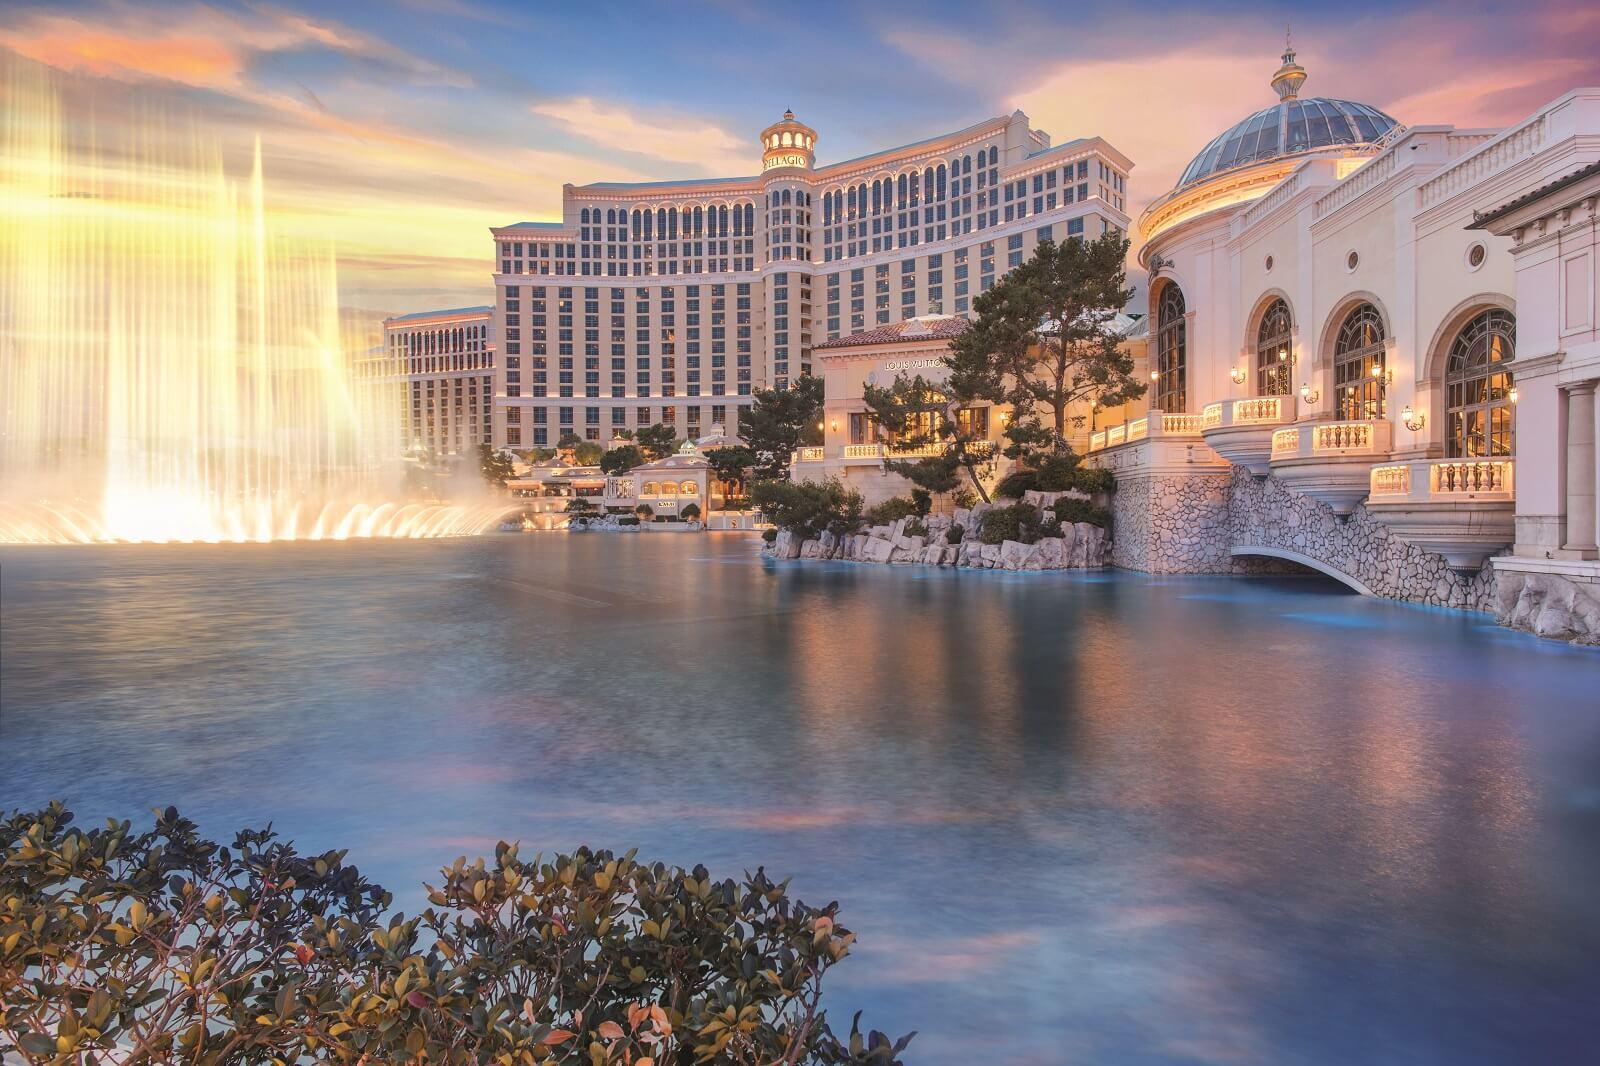 Bellagio Las Vegas Exterior Fountains of Bellagio